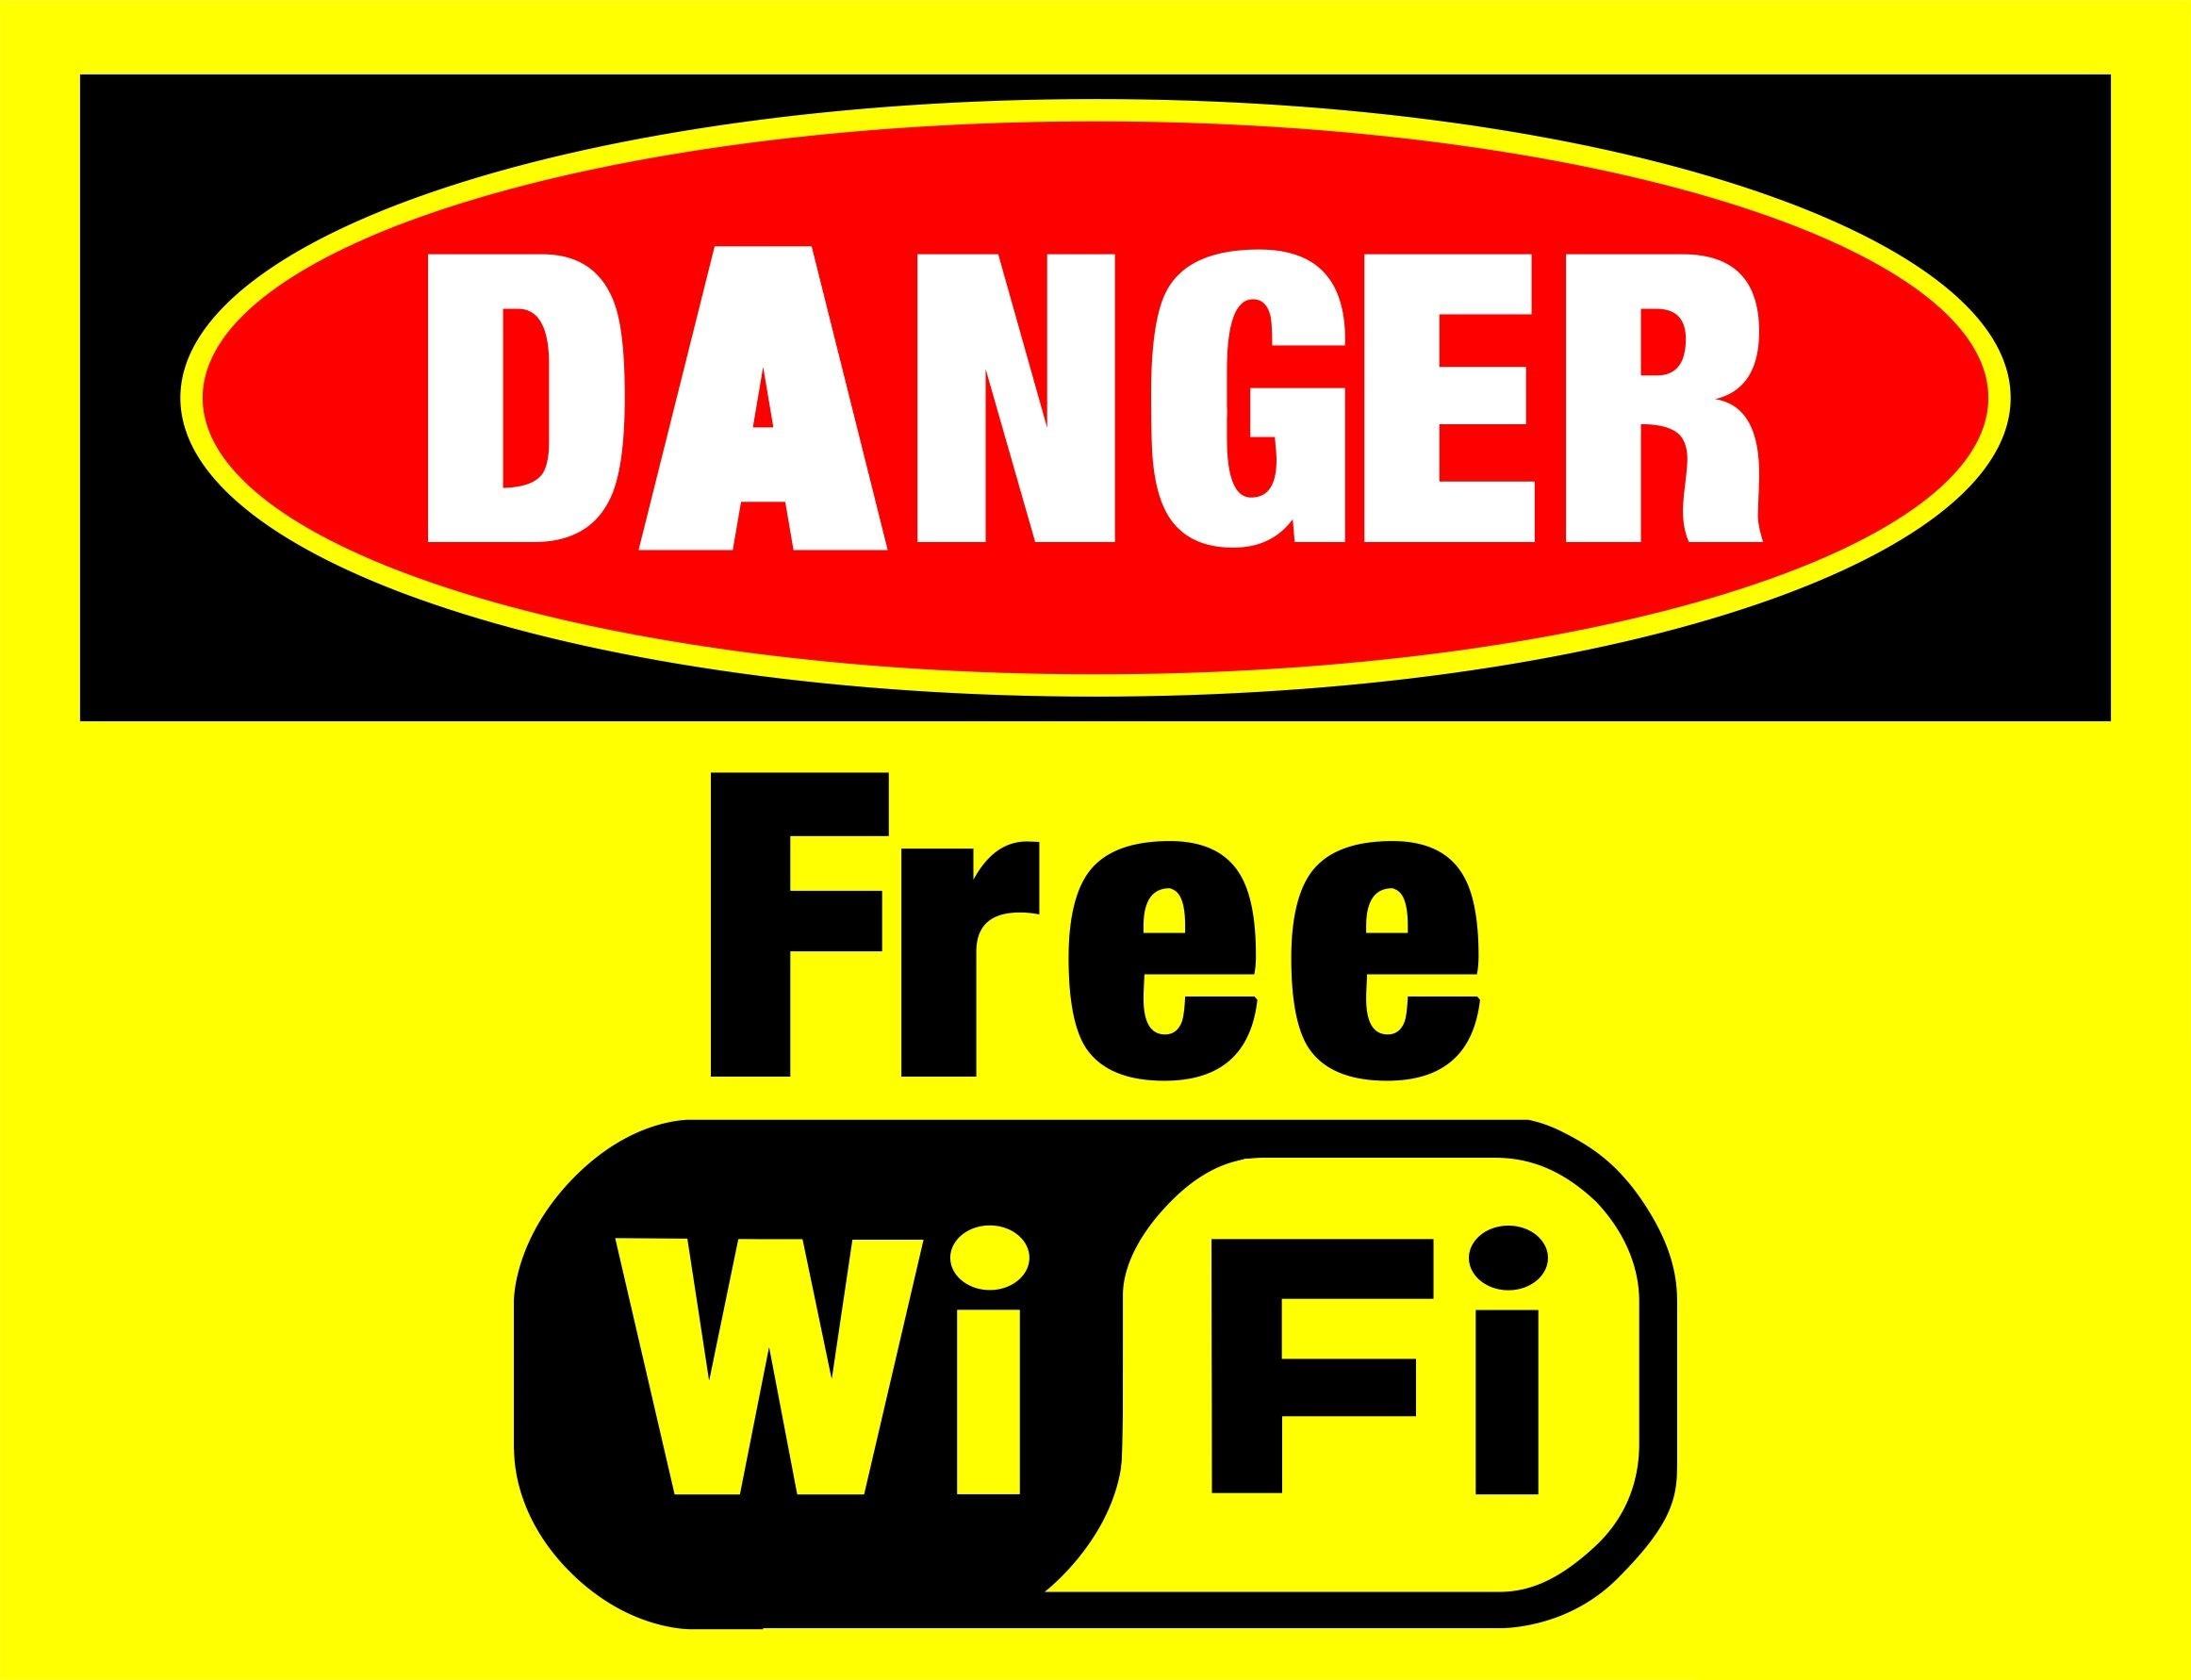 Sử dụng wifi free khiến hacker dễ dàng truy cập vào điện thoại